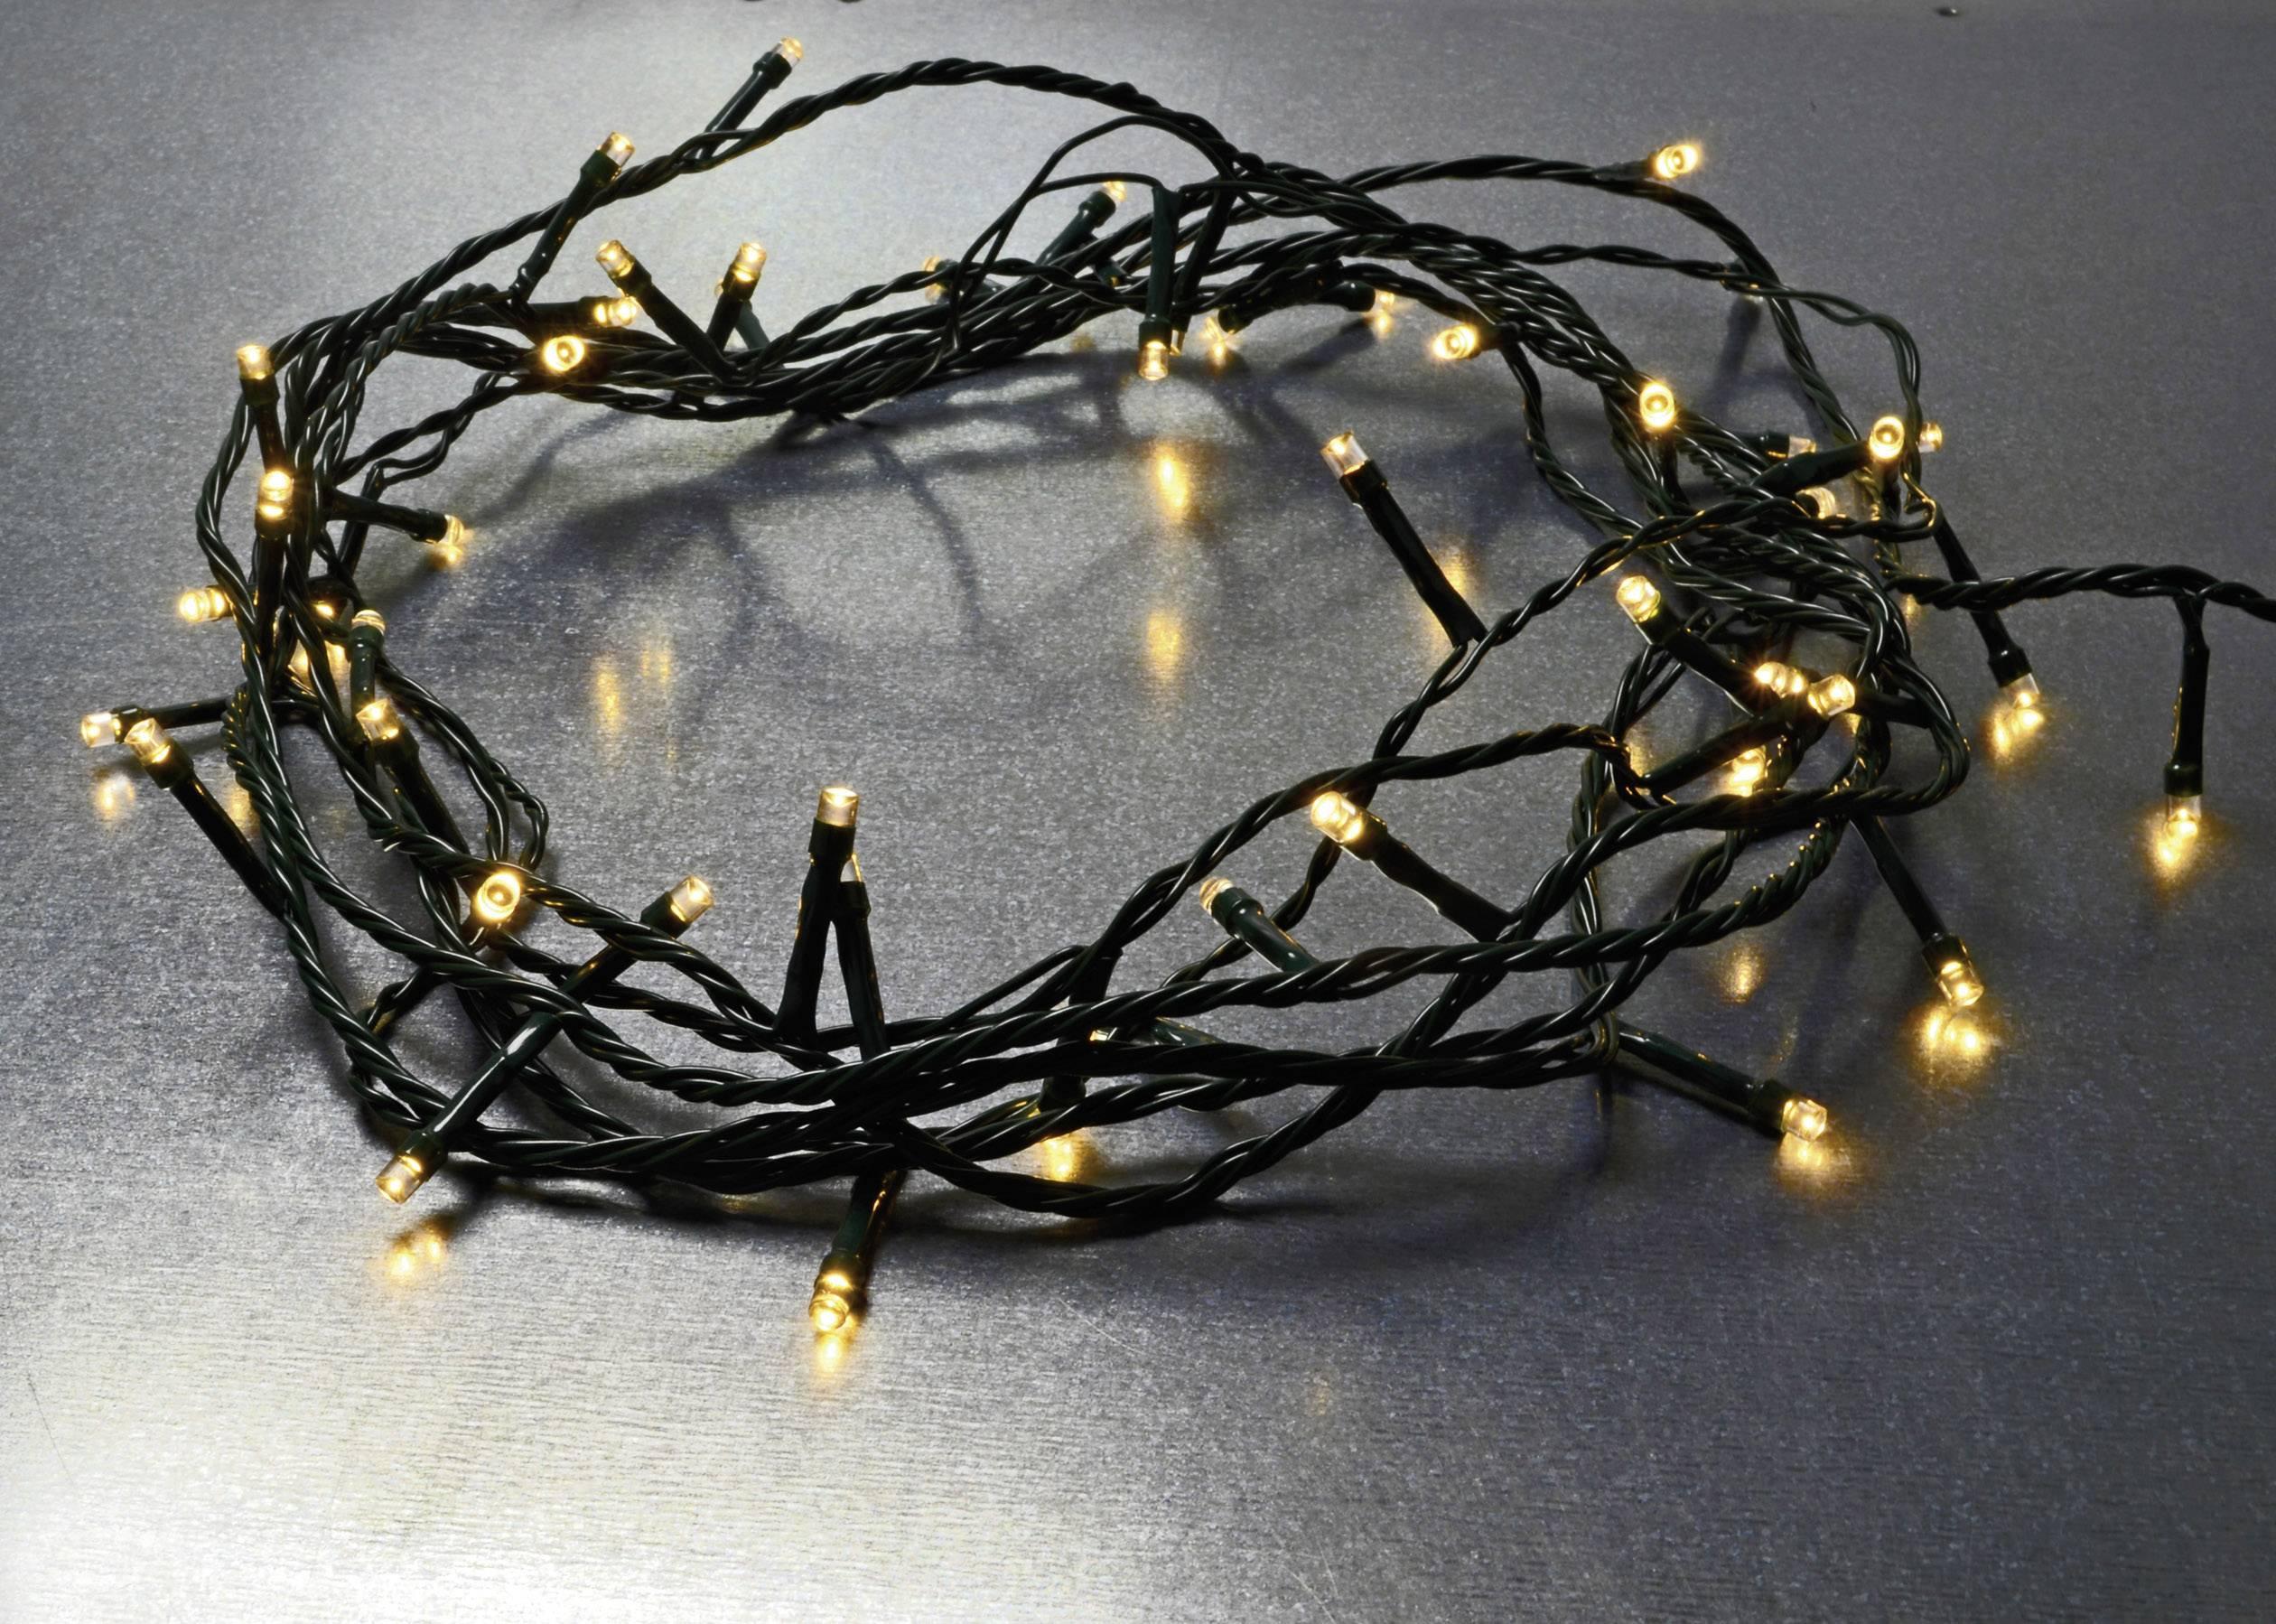 Kerstboomverlichting Binnen Buiten Werkt Op Batterijen 100 Led Warm